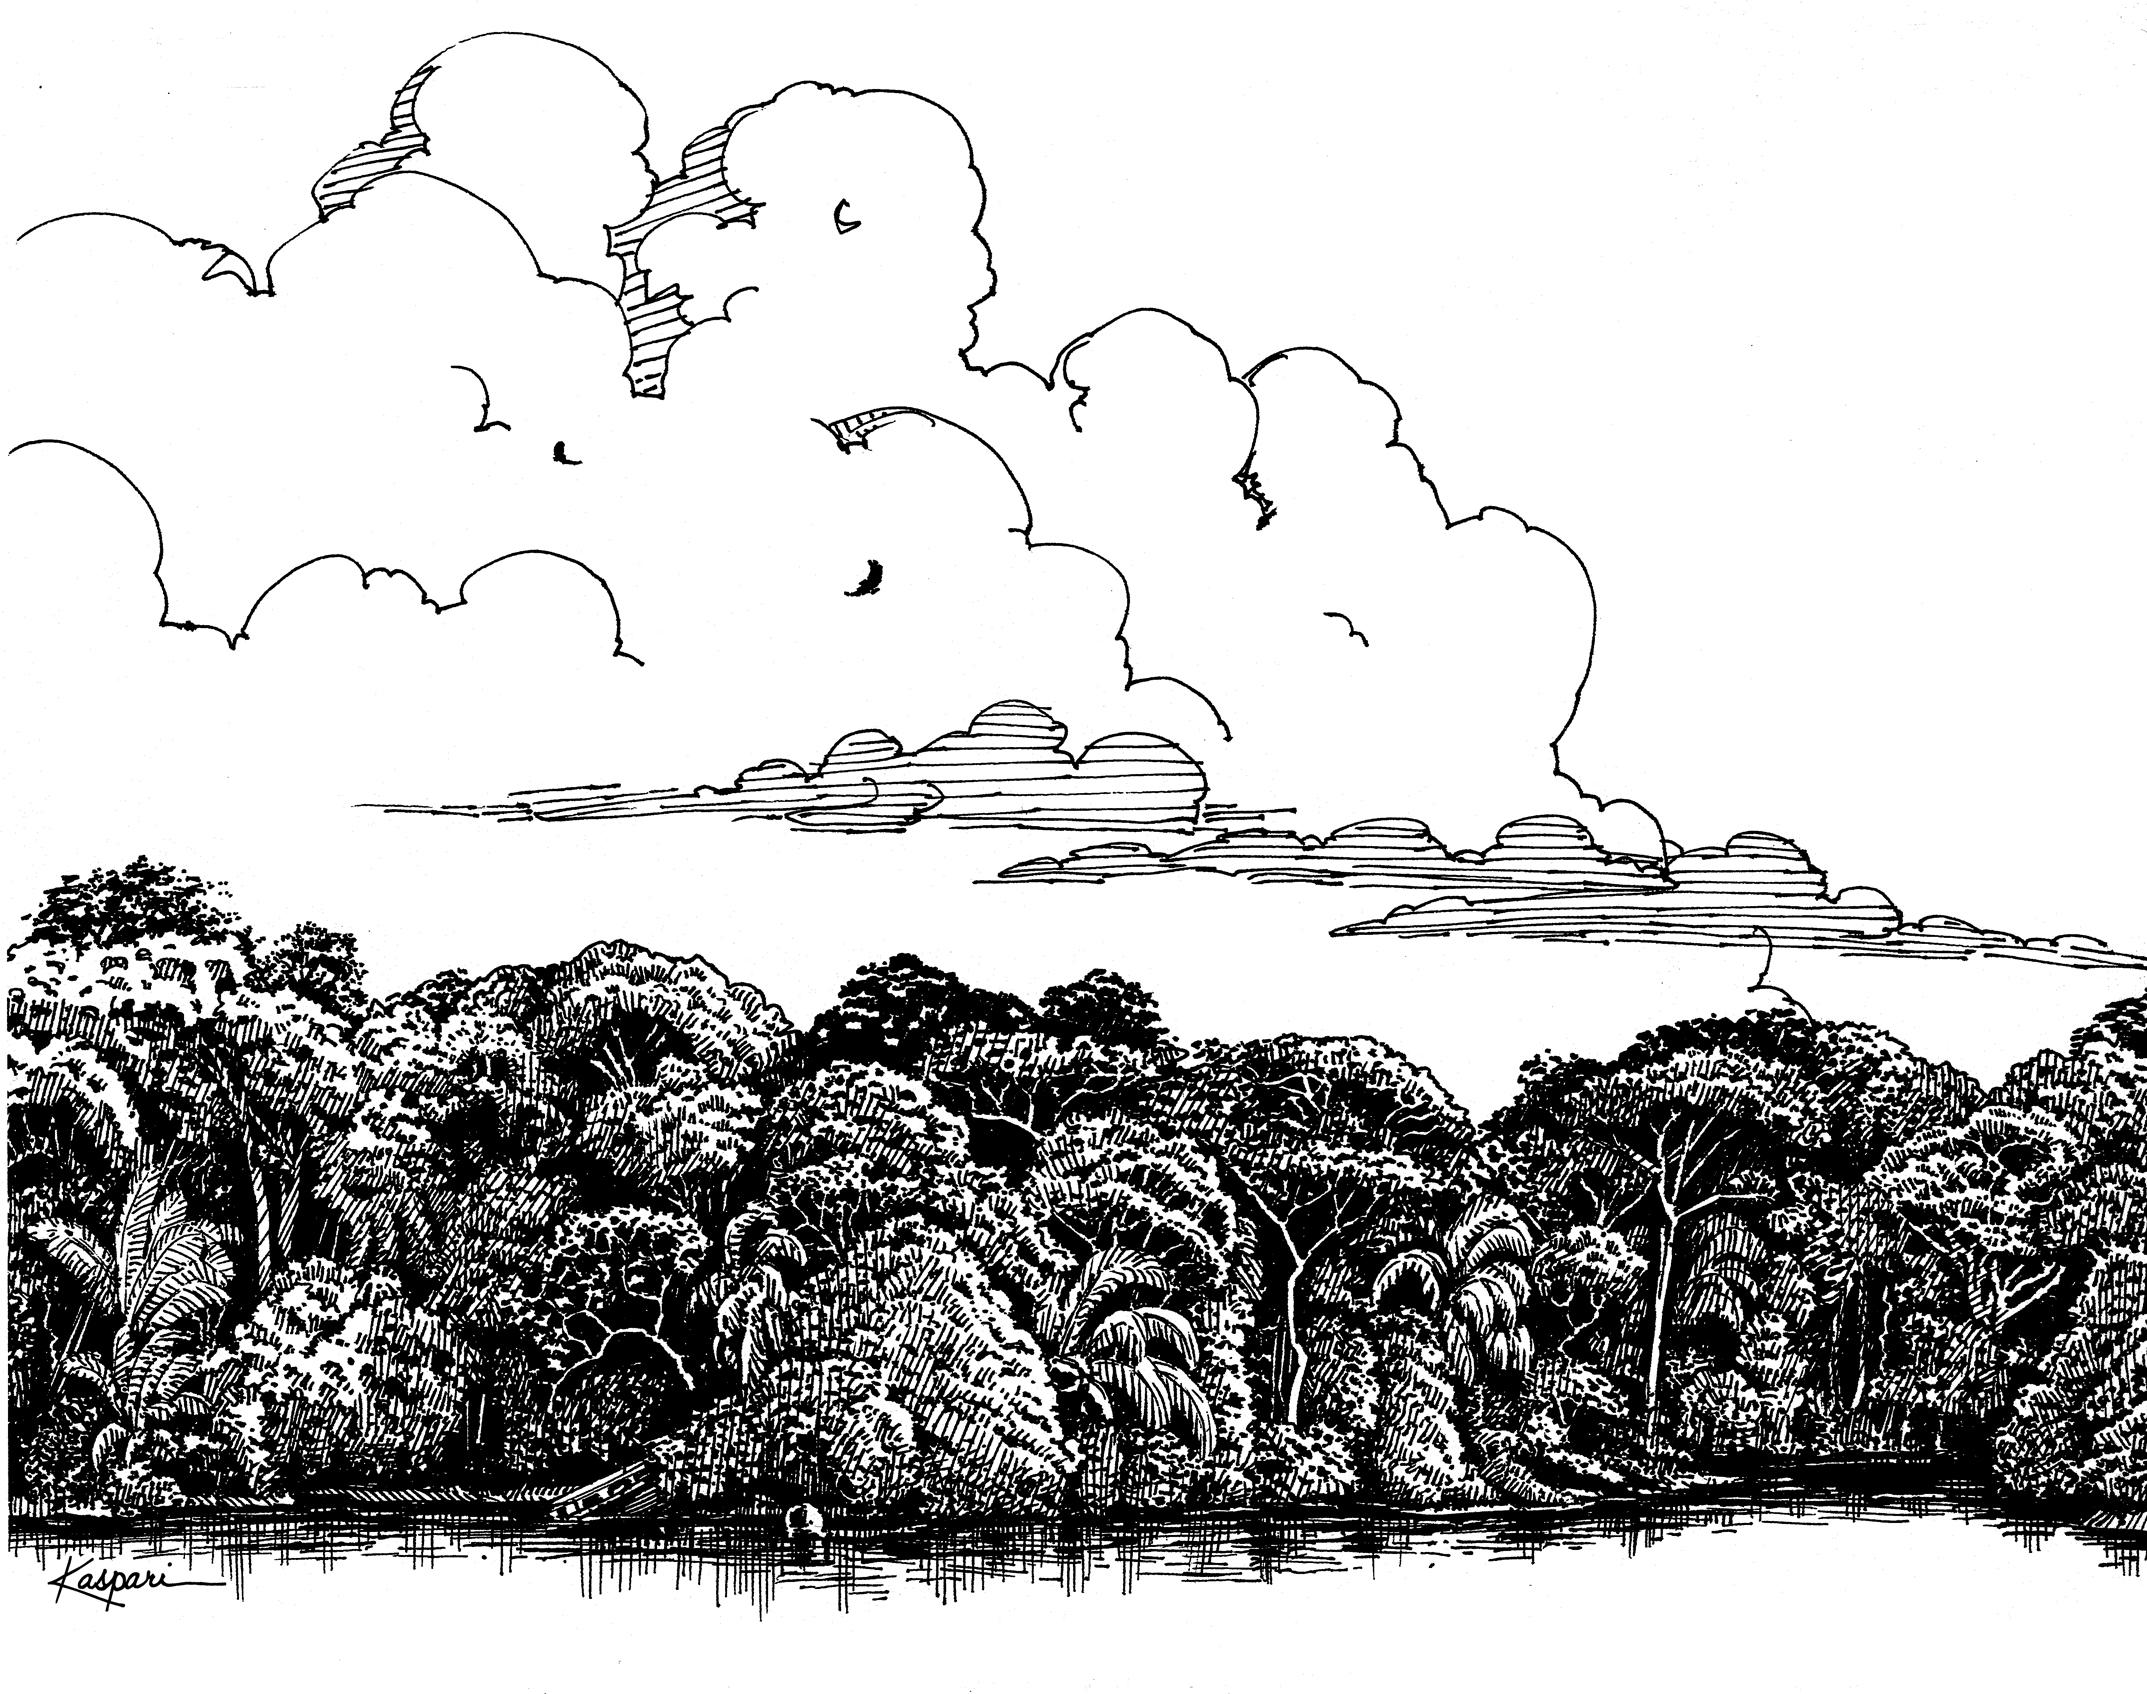 Plein Air Drawing Bcilaguna1998